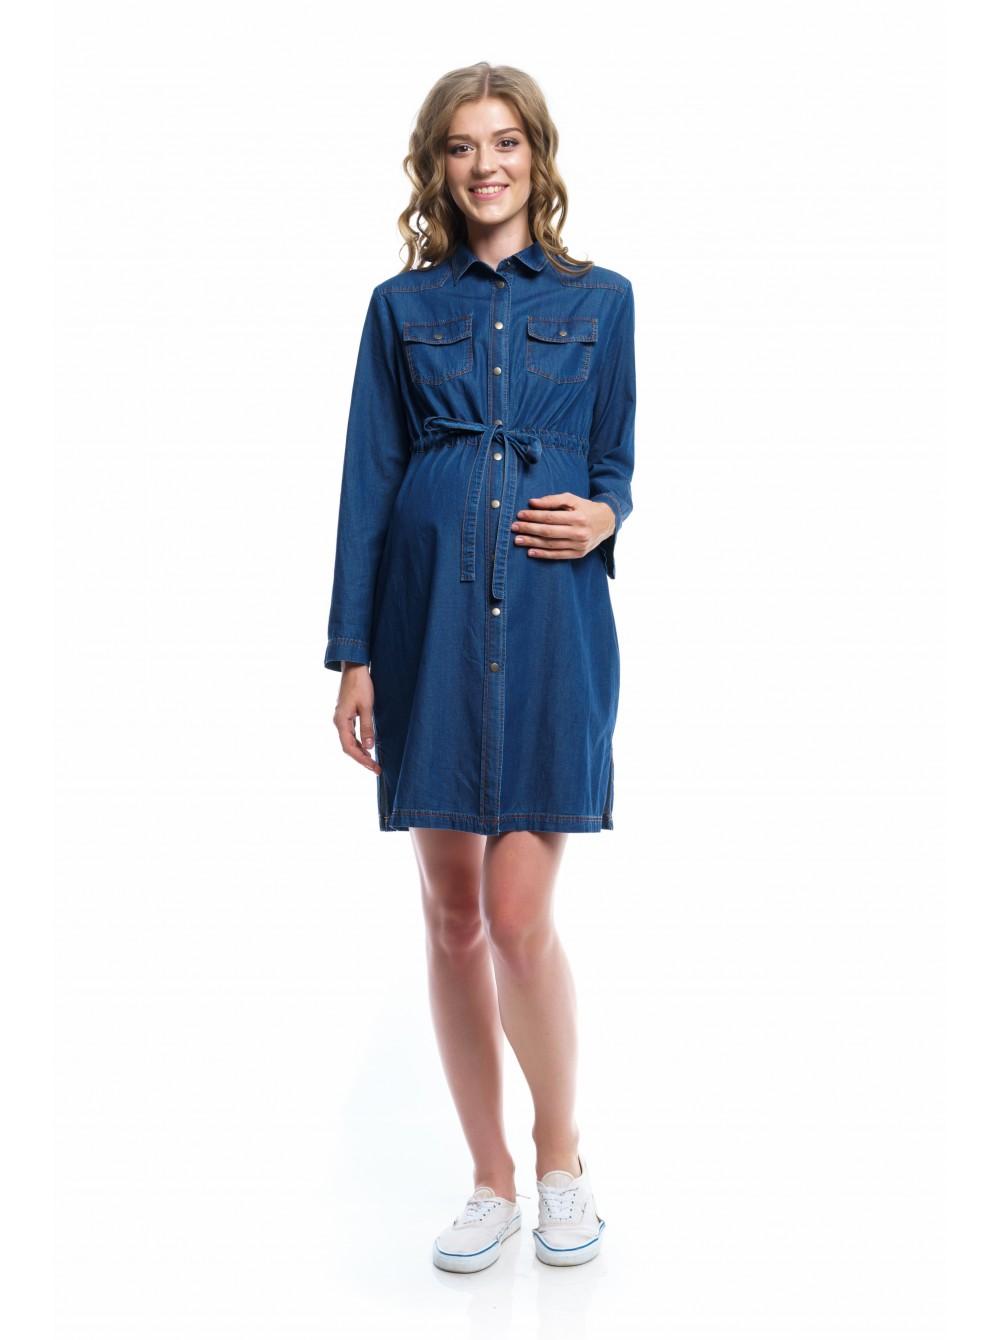 601a15c83951 Платье джинсовое для беременных и кормящих